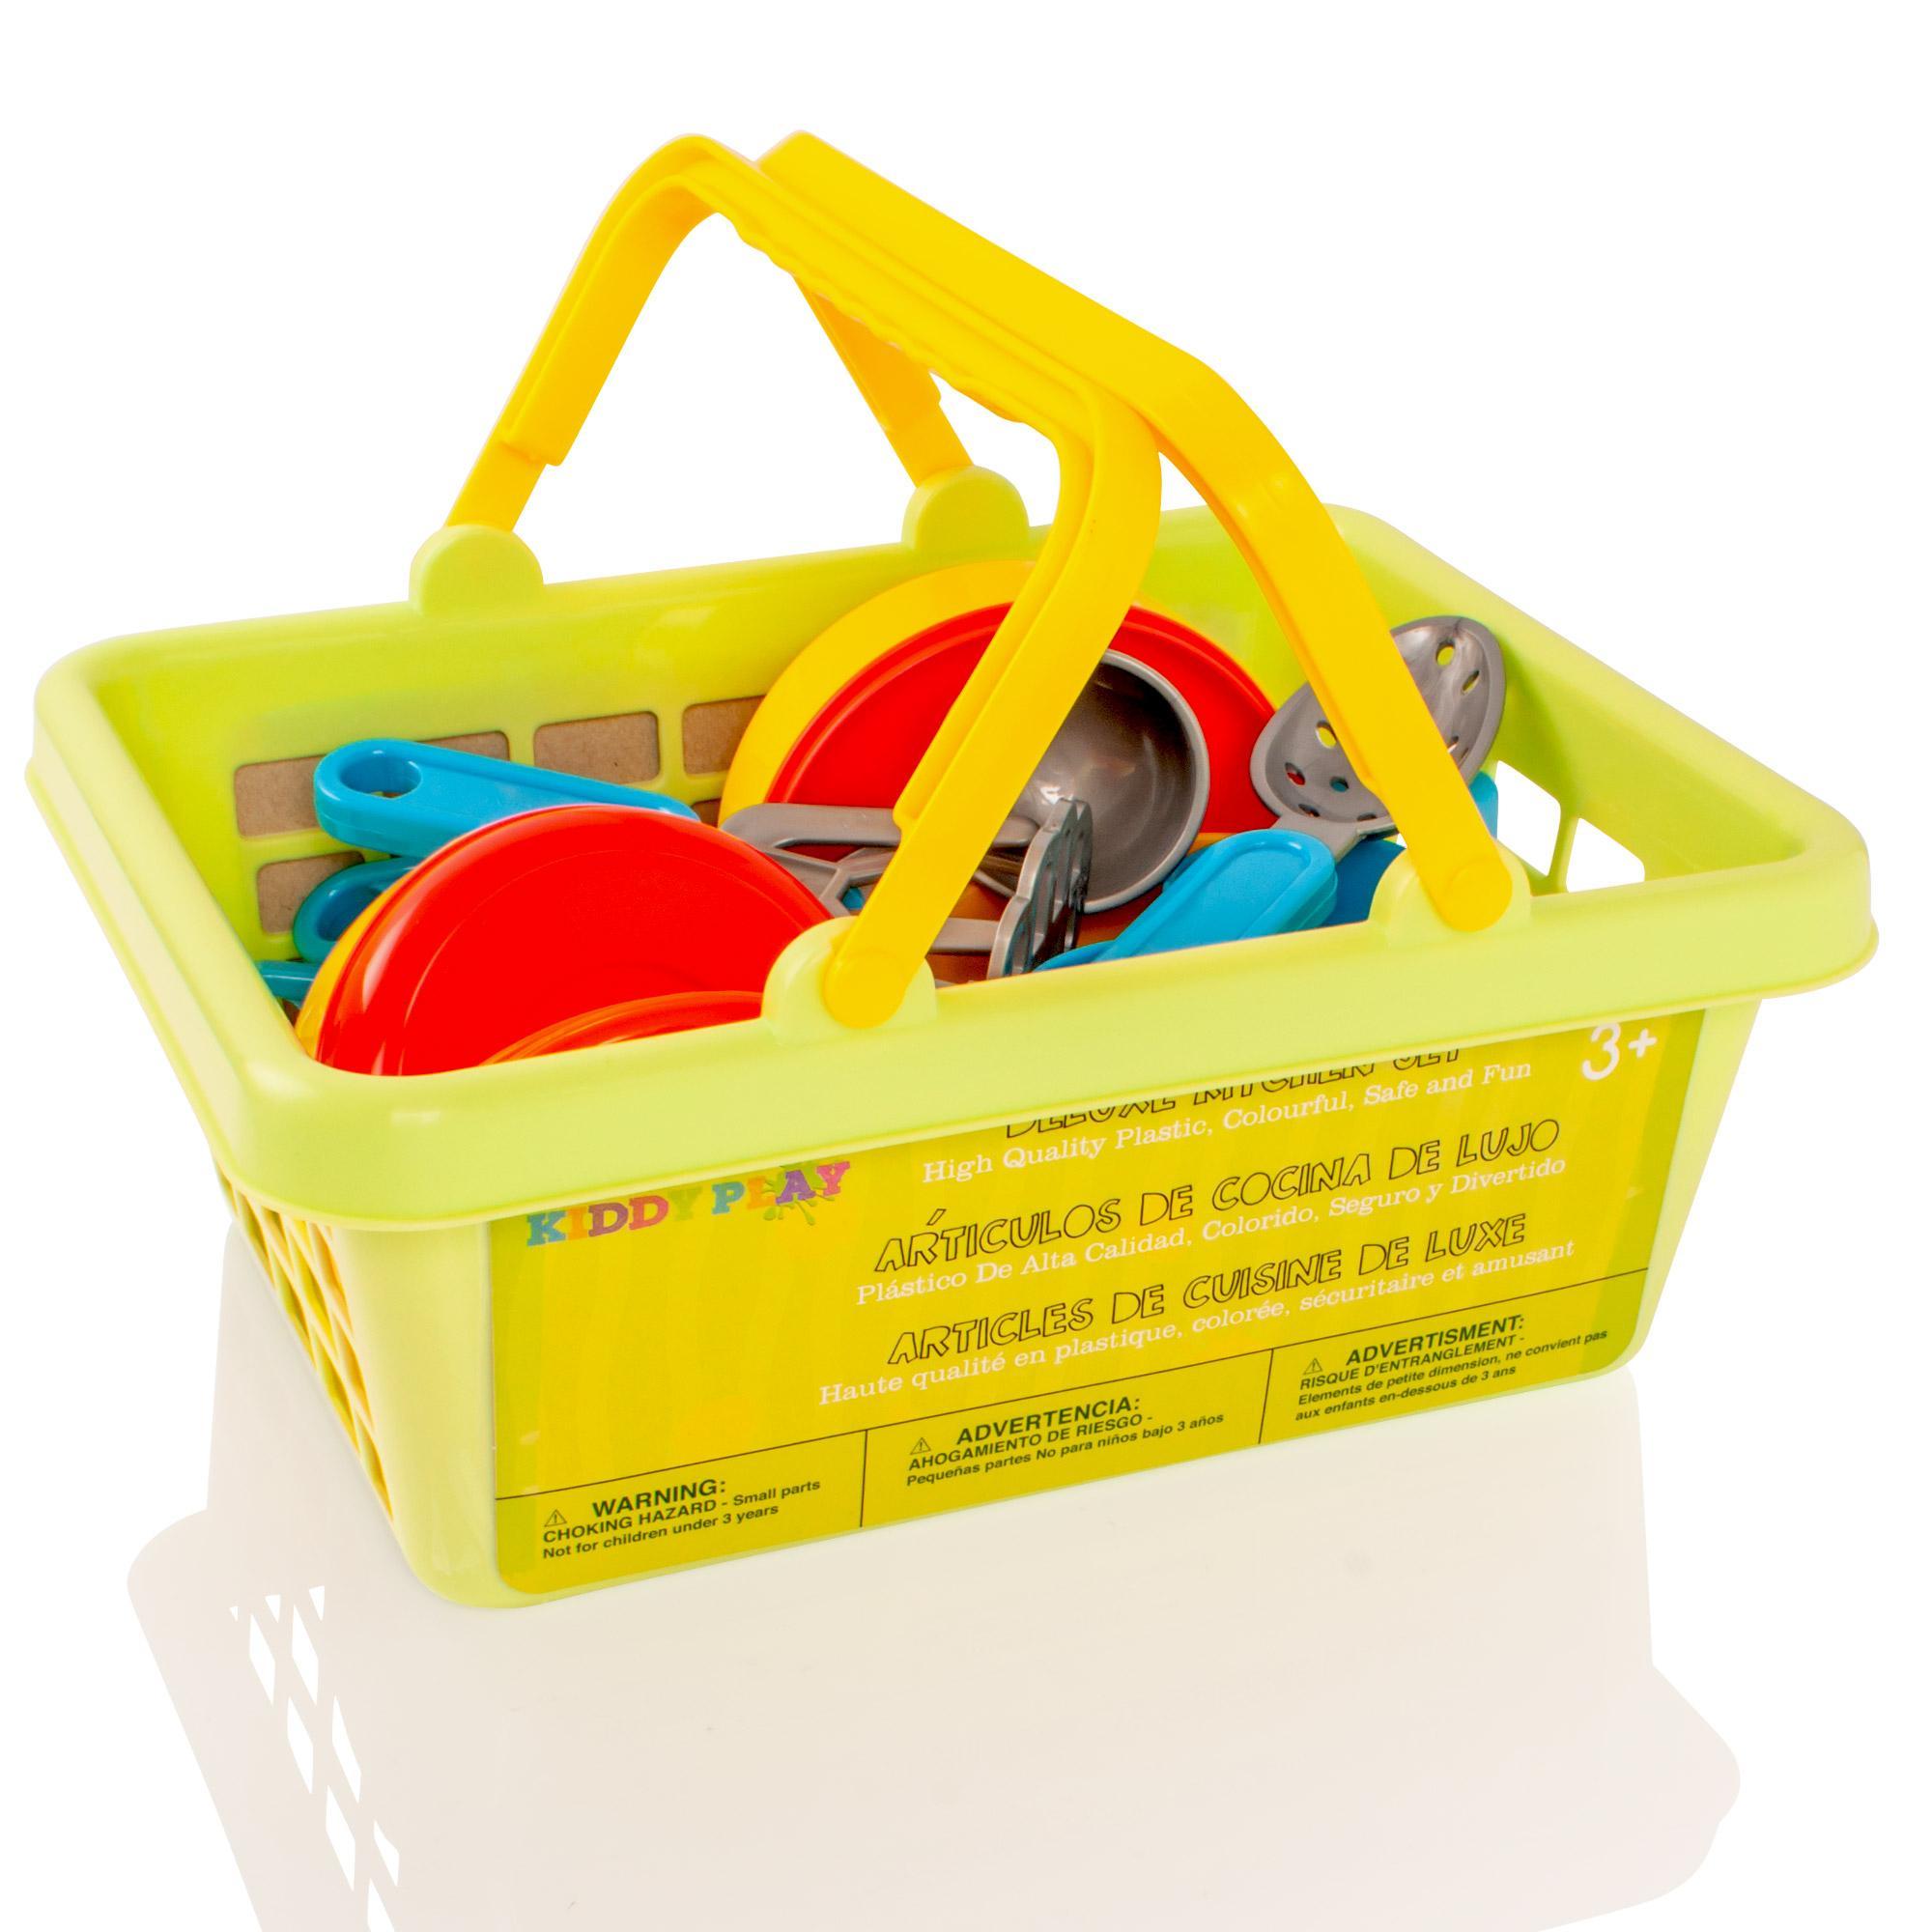 KiddyPlay Tea set Cutlery Pans Childrens Kids Pretend Play Kitchen